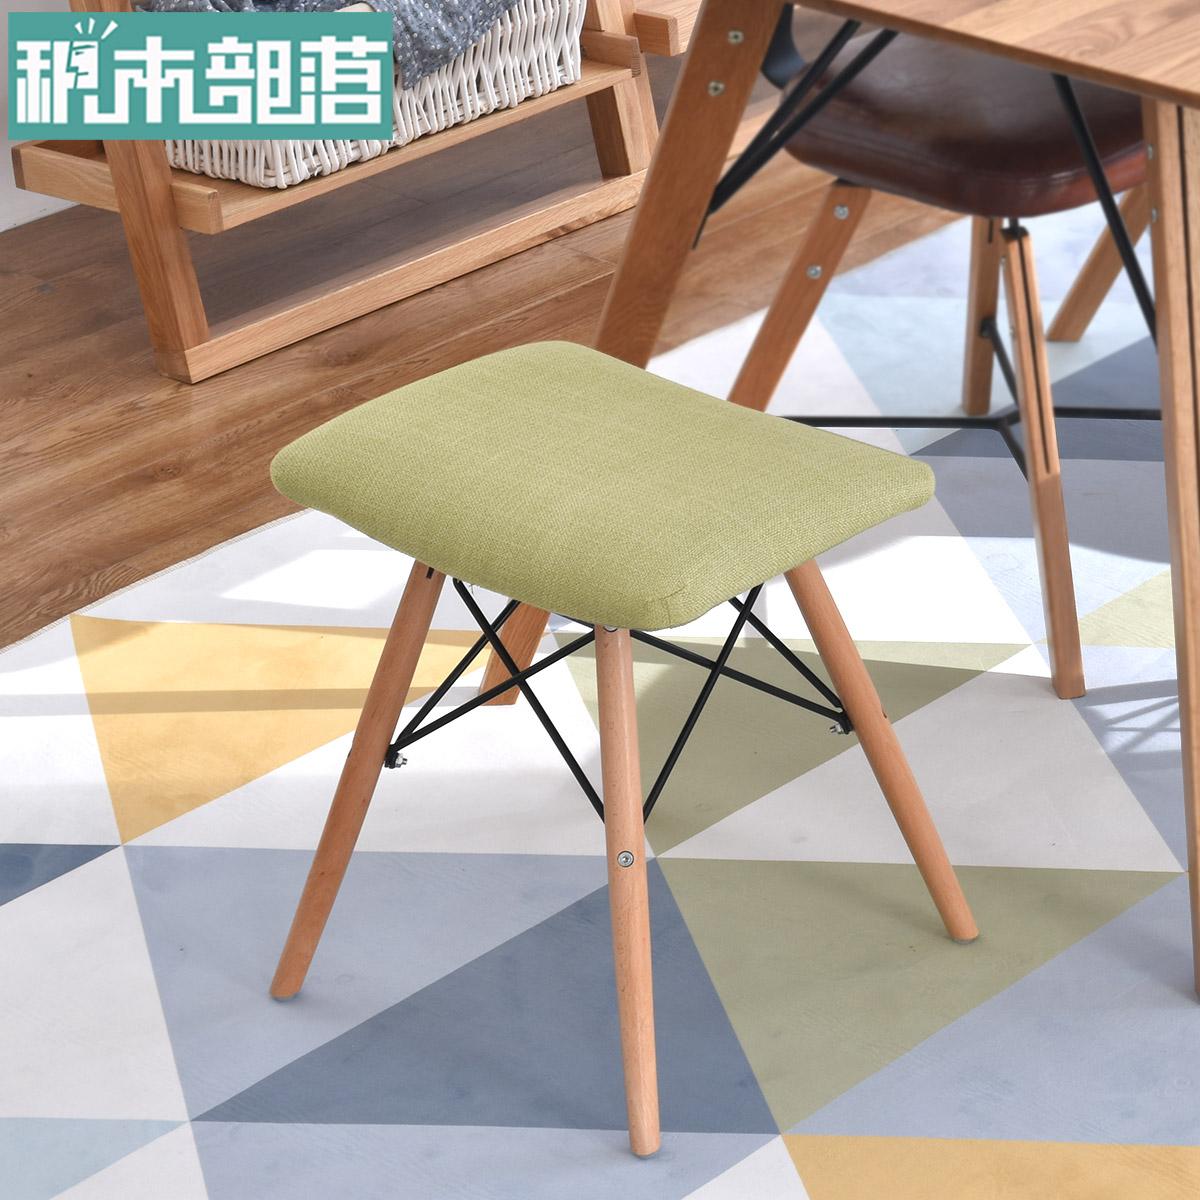 積木部落 實木凳子布藝餐凳化妝凳時尚創意電腦凳梳妝凳家用板凳